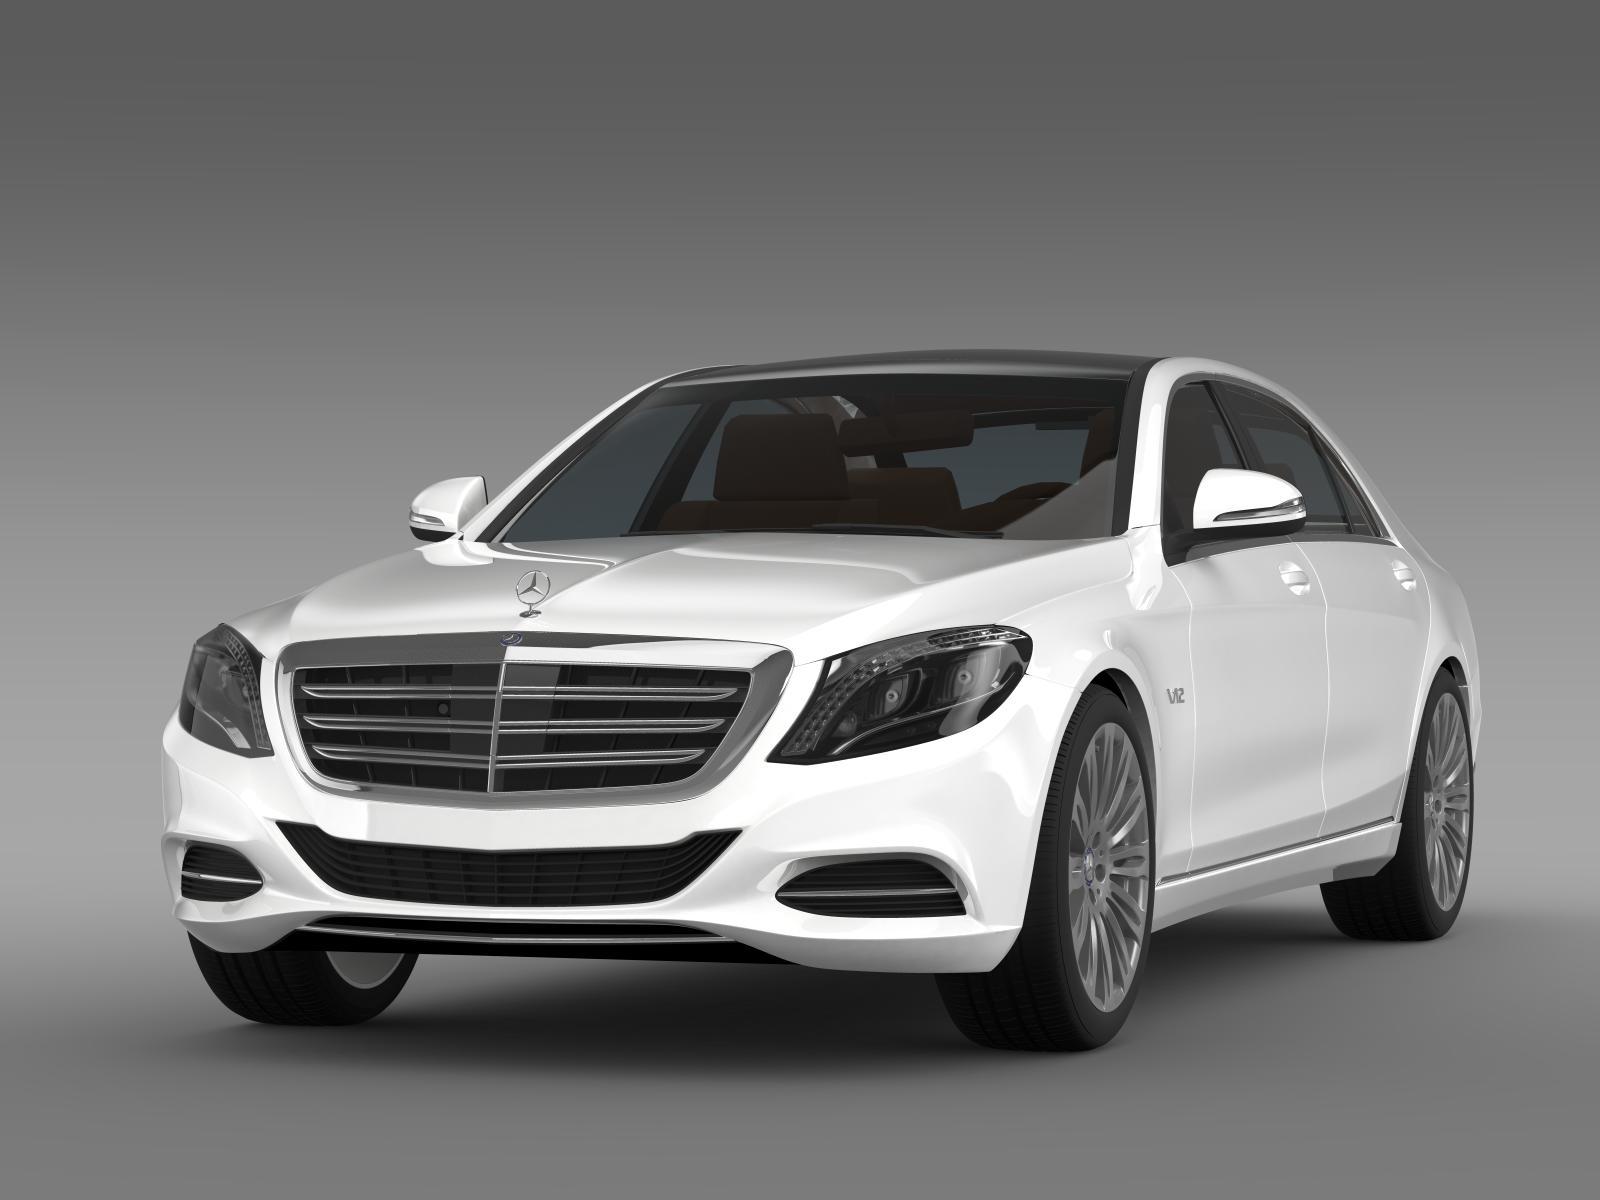 Mercedes benz s 600 v12 w222 2014 3d model for Mercedes benz s 600 v12